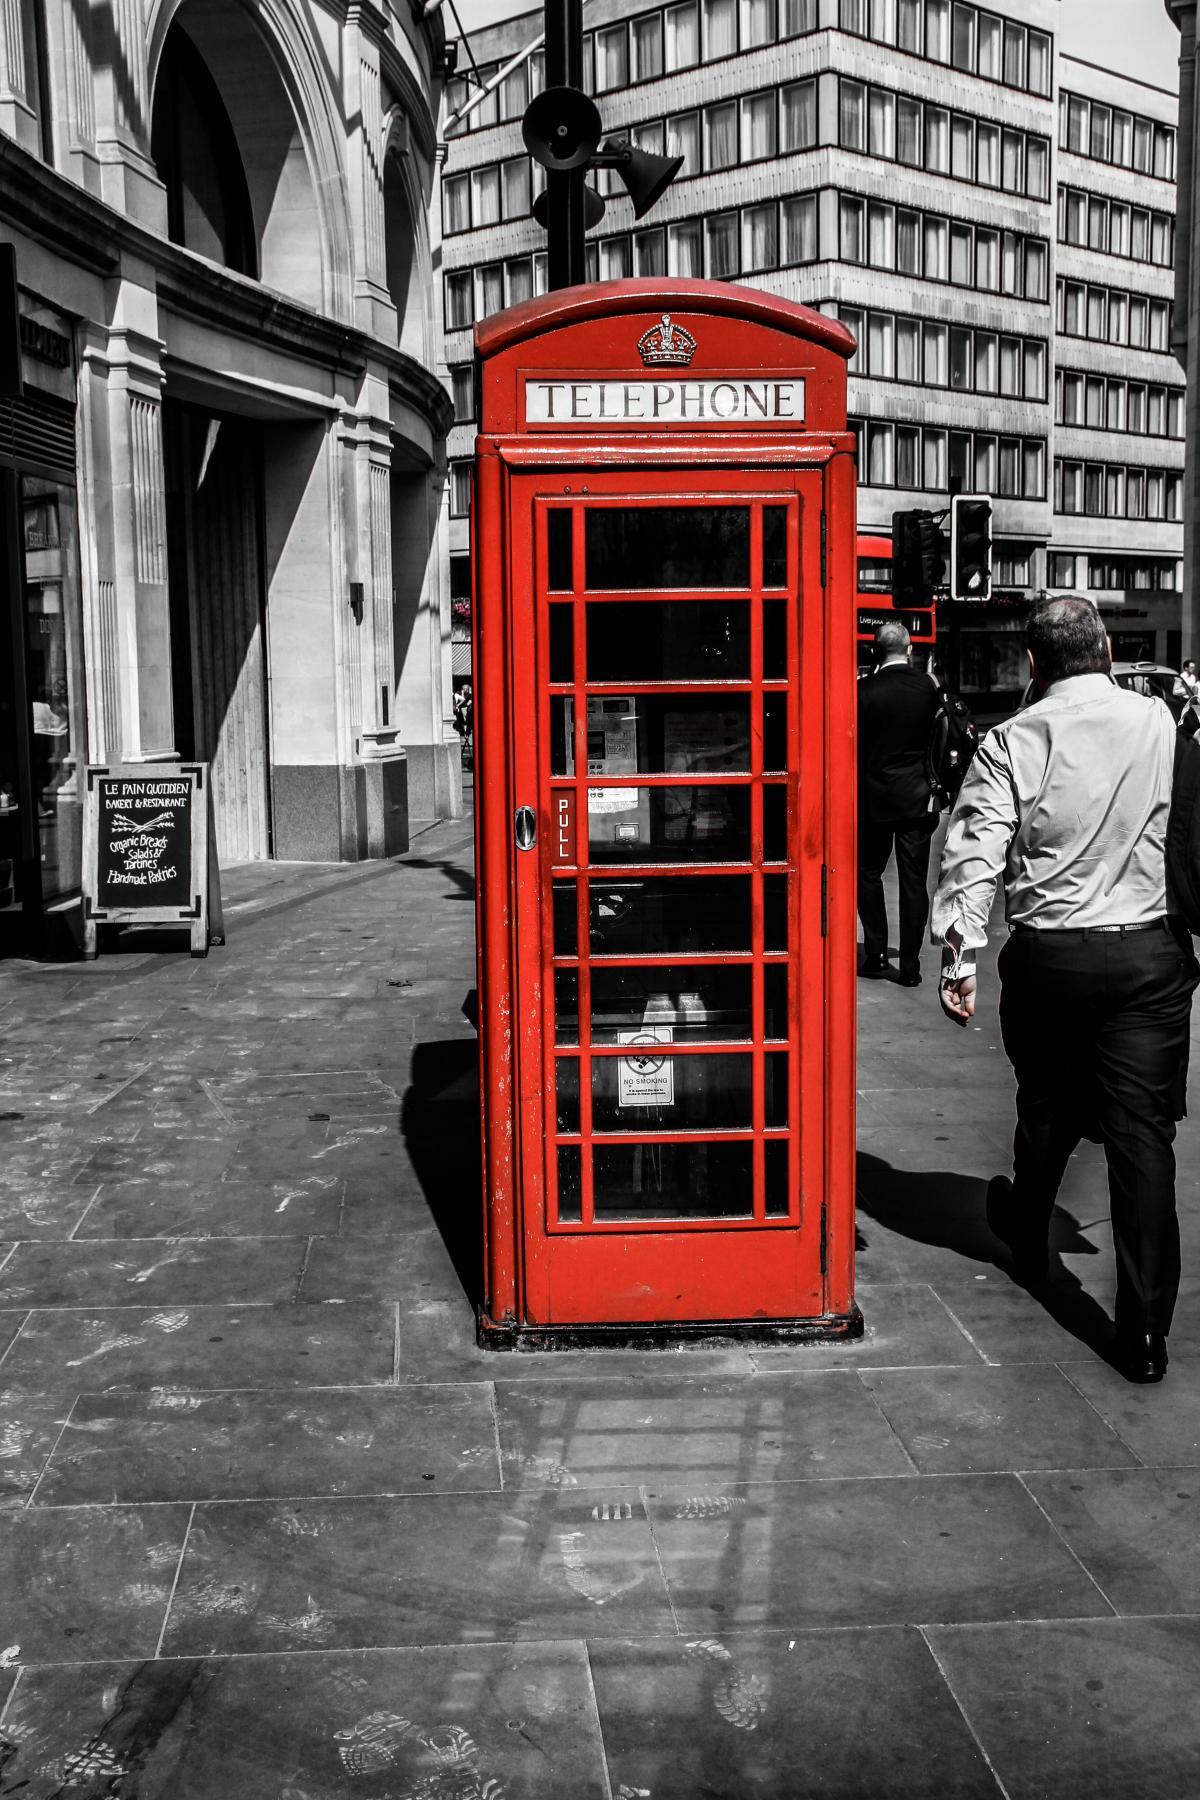 признается, картинка человек и телефонная будка профи